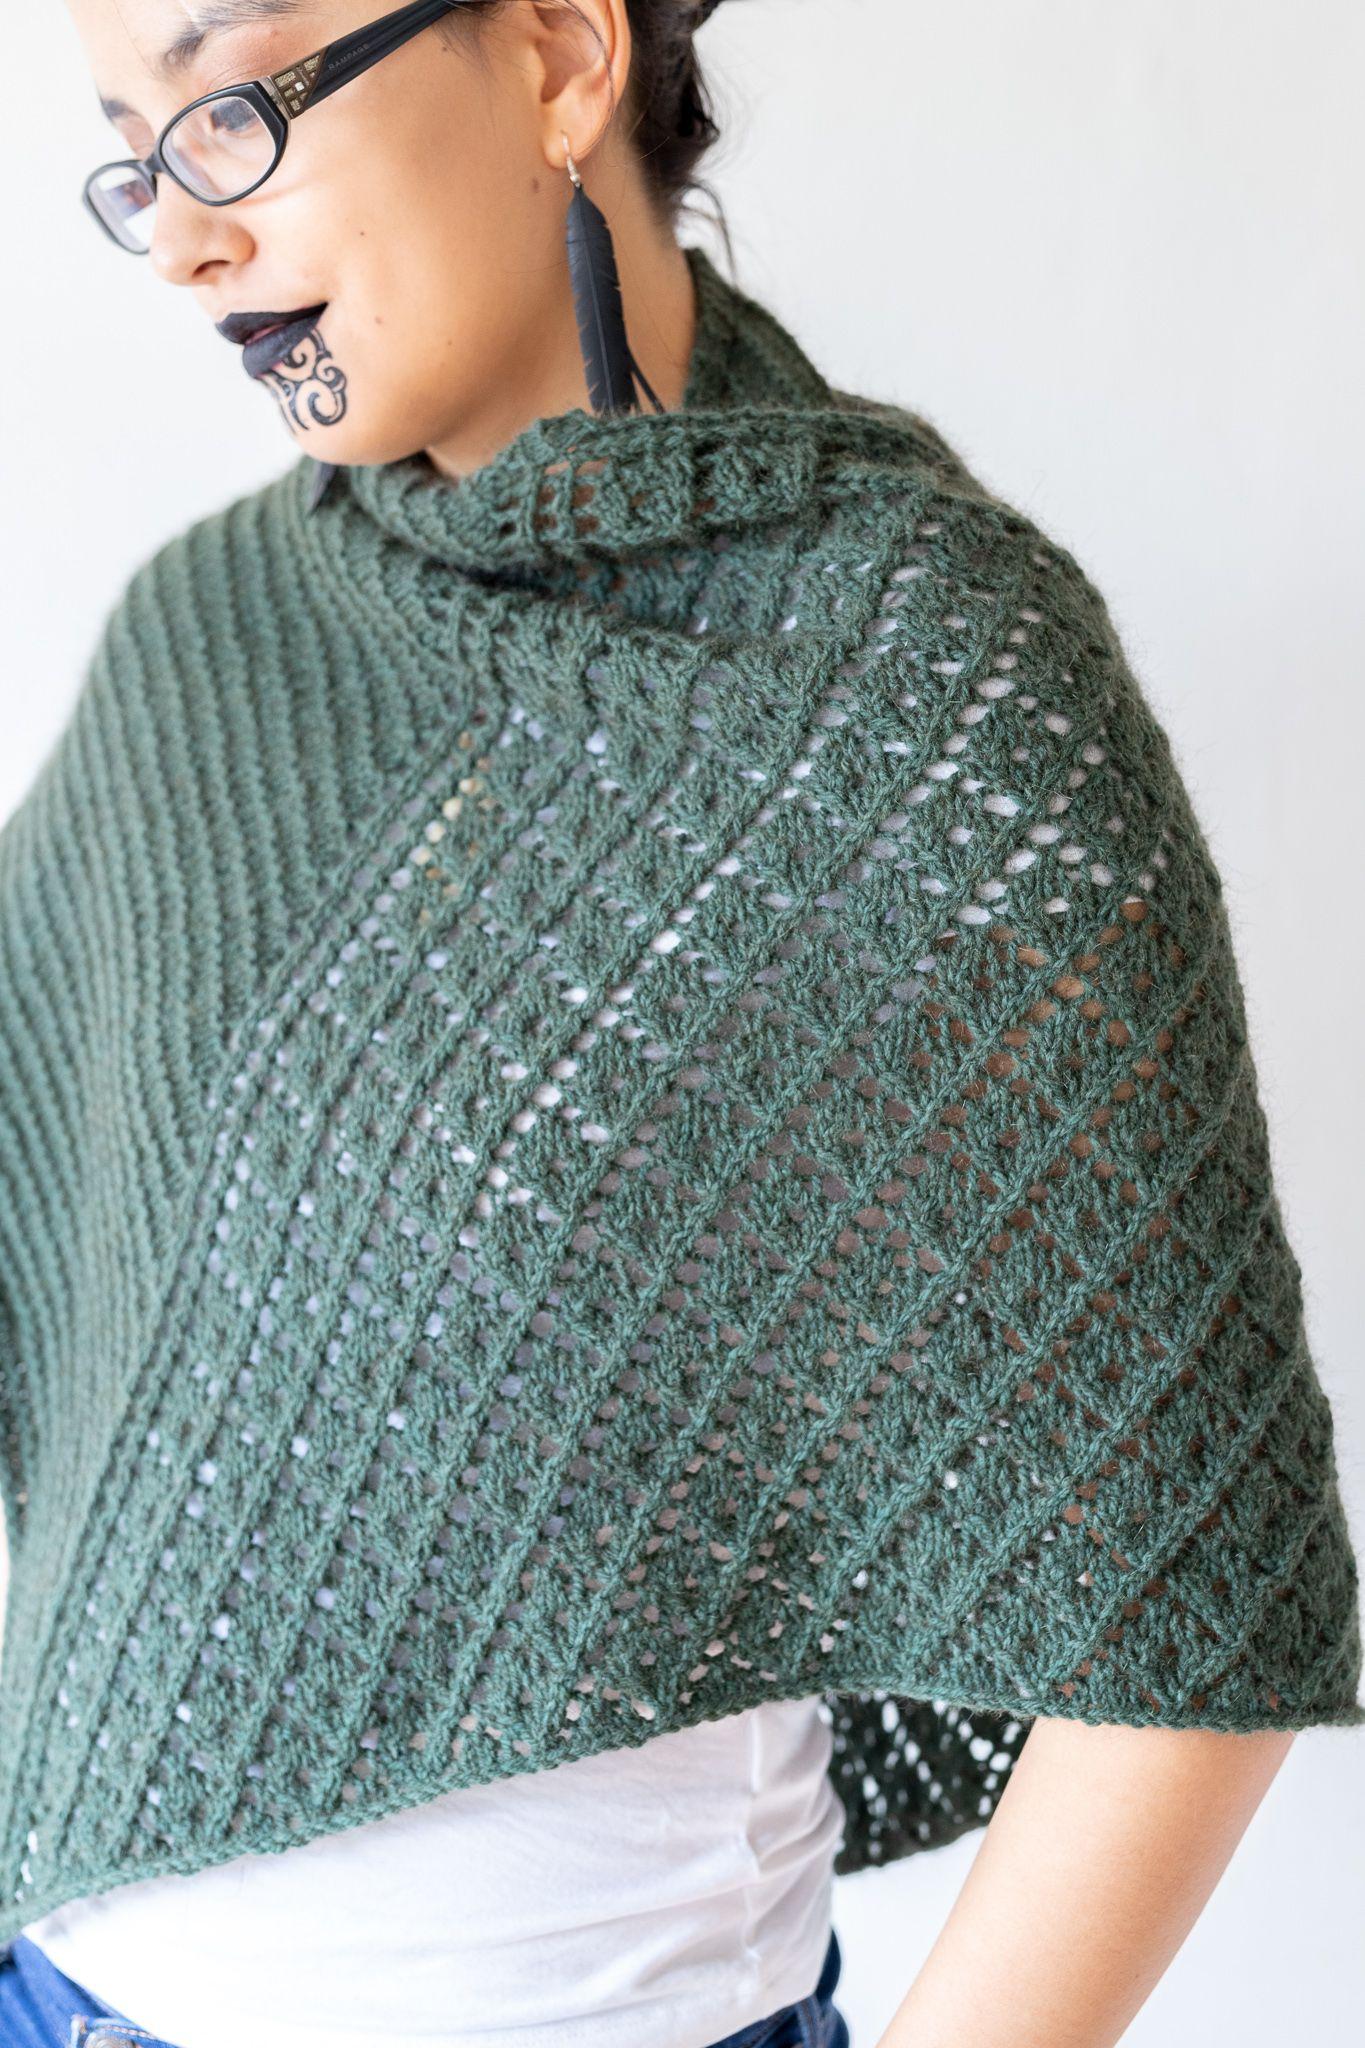 Kawakawa Shawl Knitting Pattern Knitting Patterns Knitting Fashion